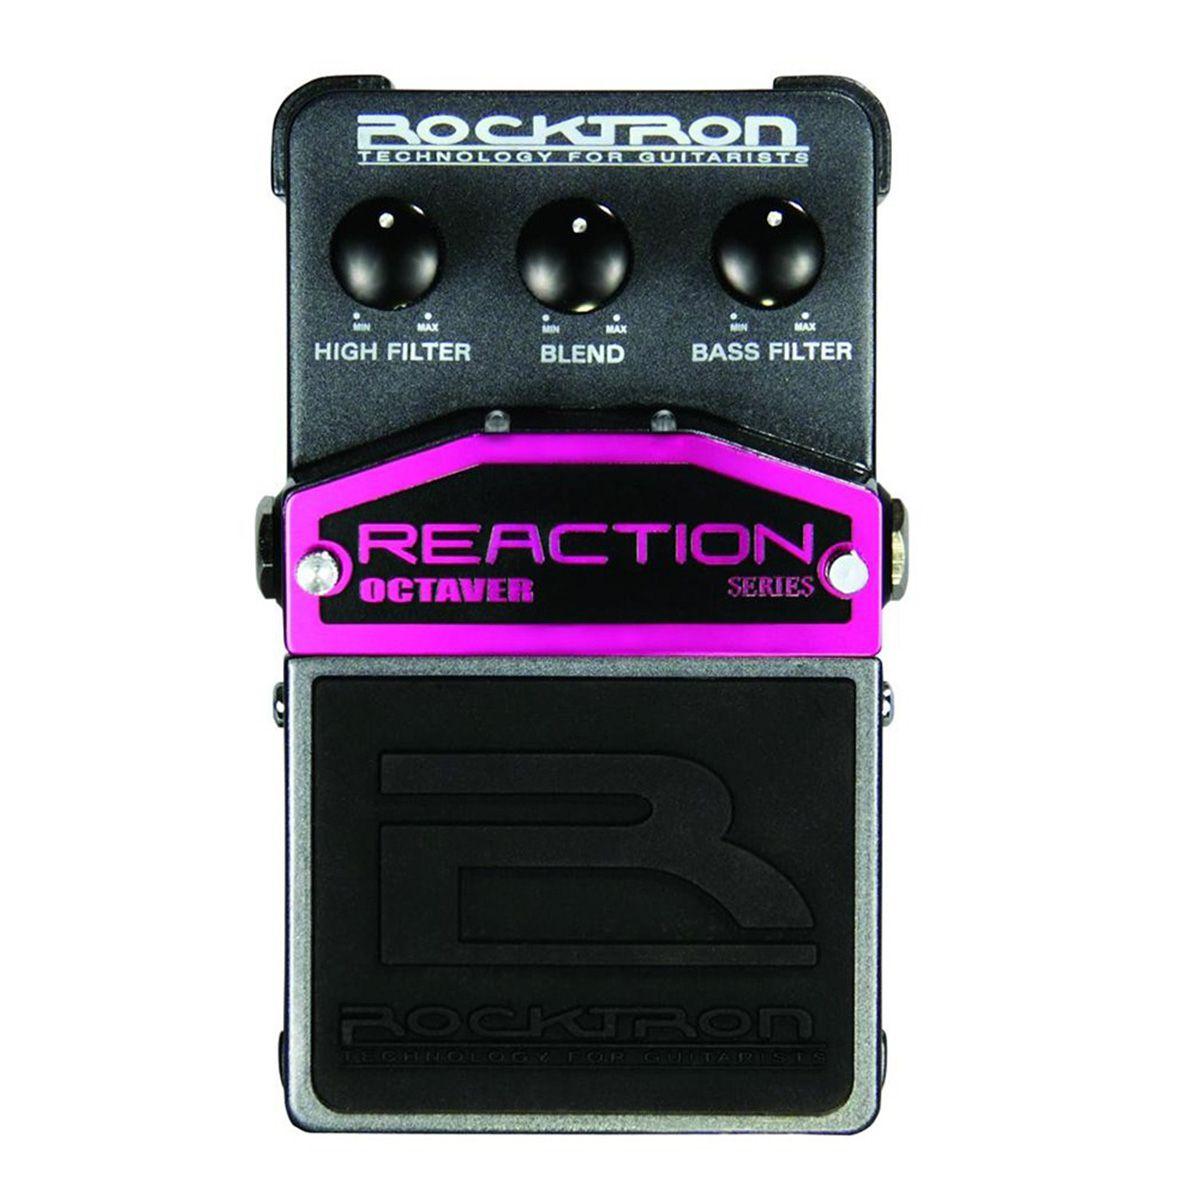 Pedal de Efeitos Rocktron Reaction Octaver